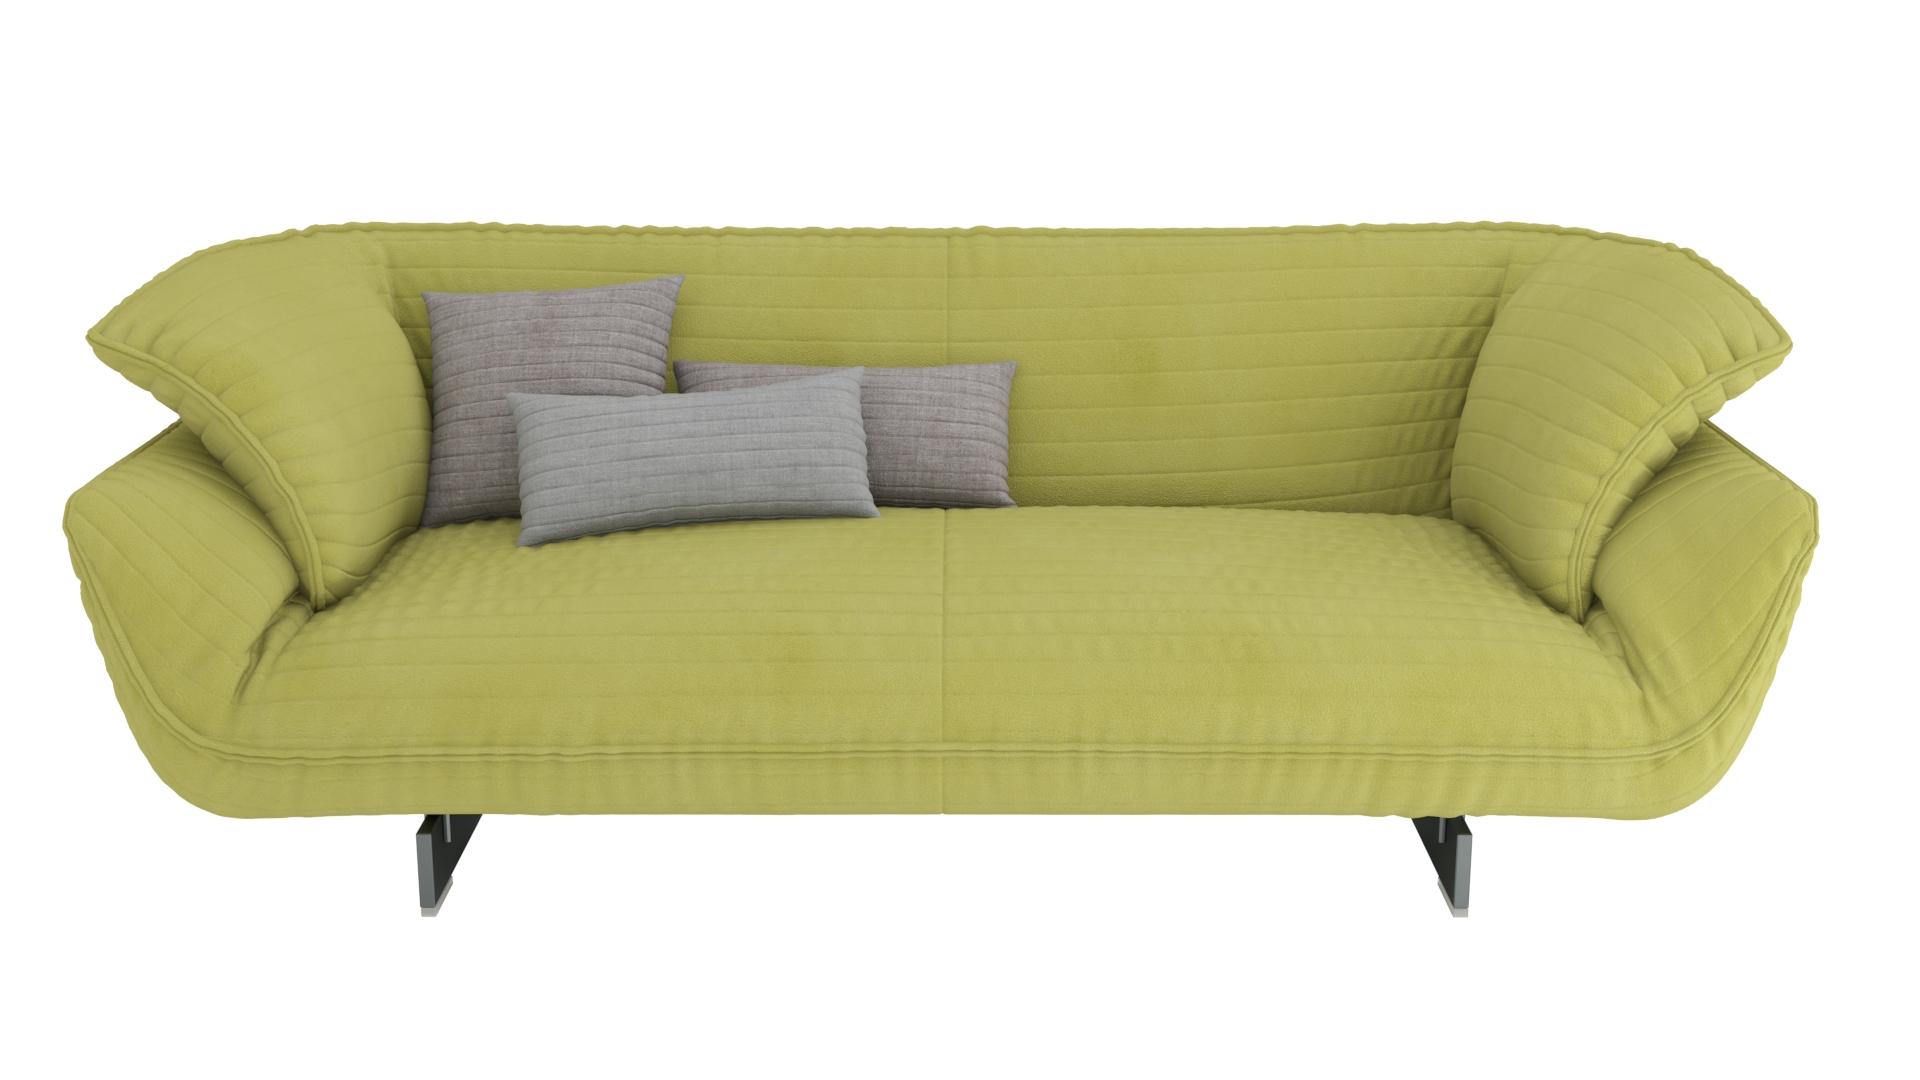 sofa_7_1.jpg